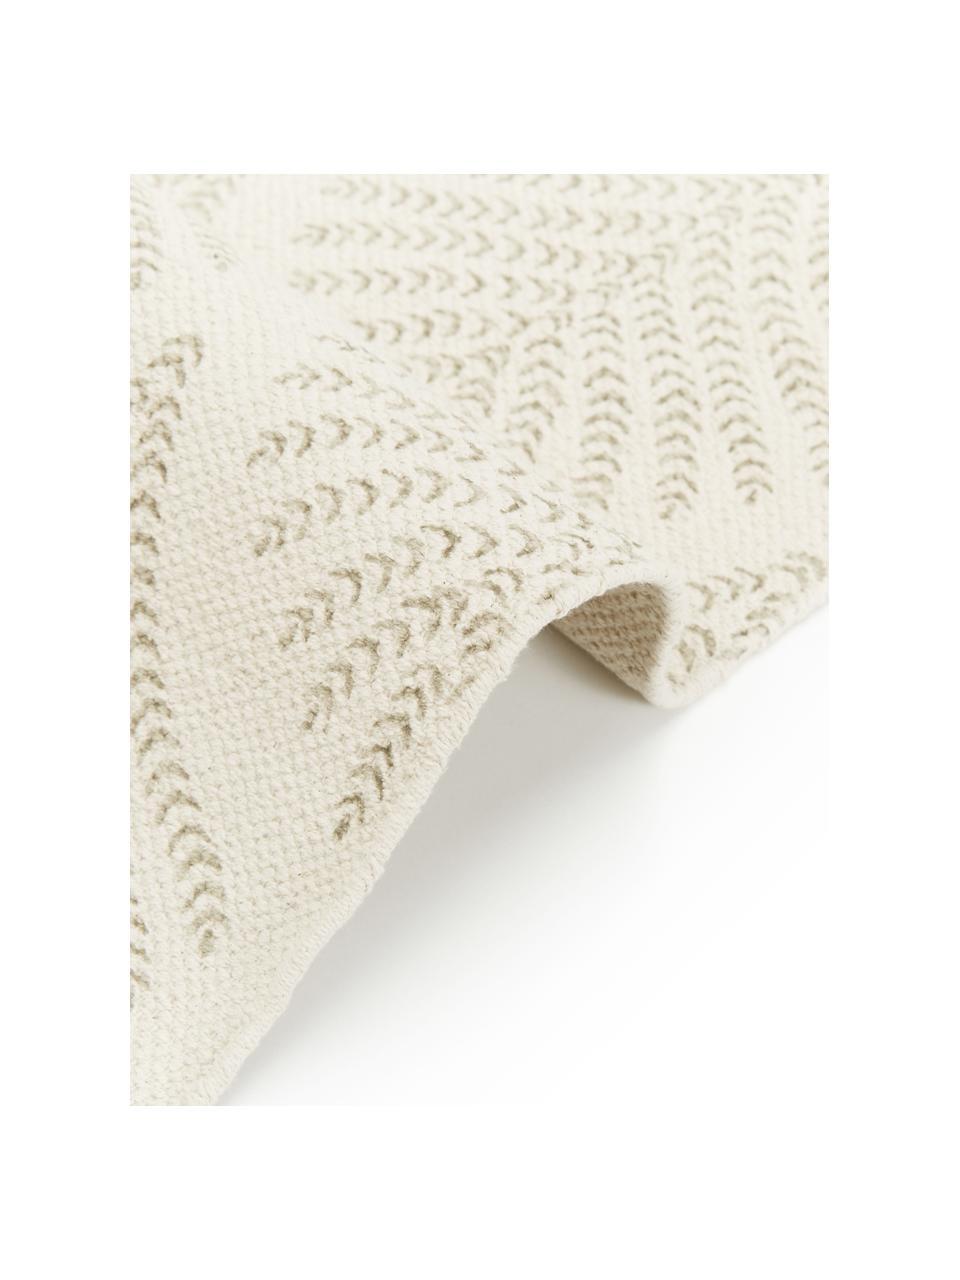 Flachgewebter Baumwollteppich Klara in Beige/Taupe mit Fransenabschluss, Beige, B 70 x L 140 cm (Größe XS)